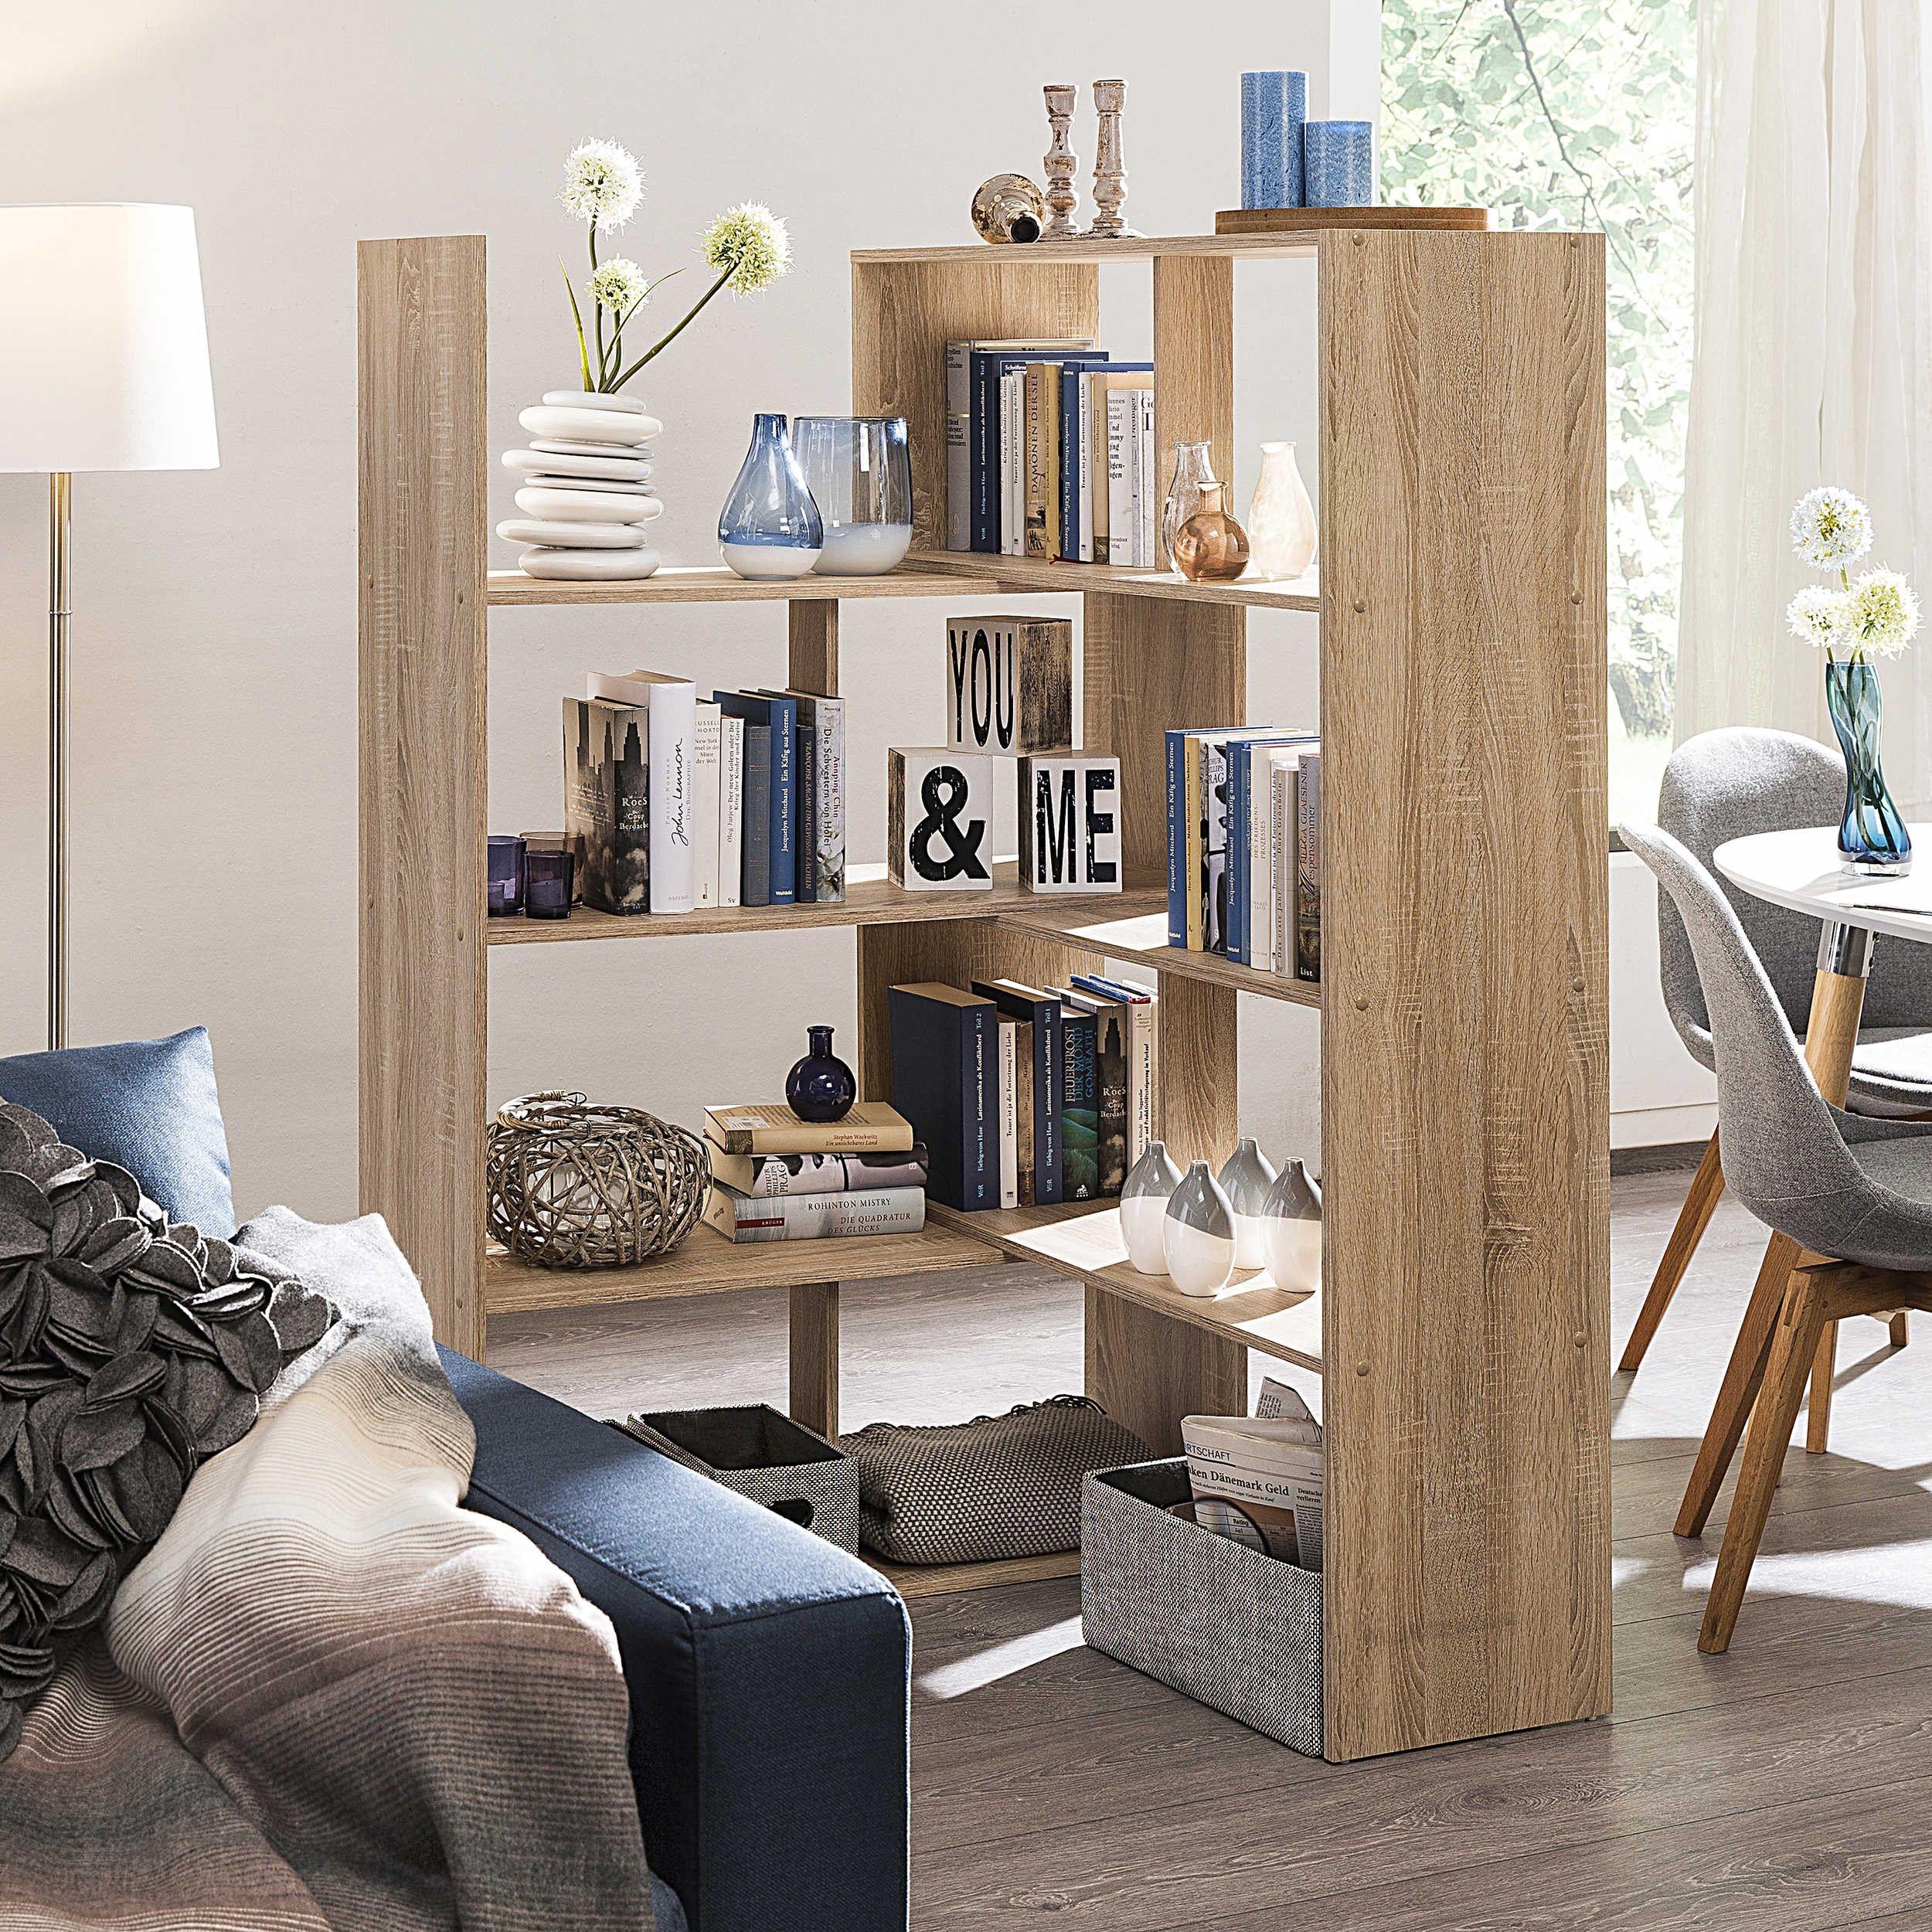 Regal Spello Raumteiler Regale Wohnzimmer Möbel